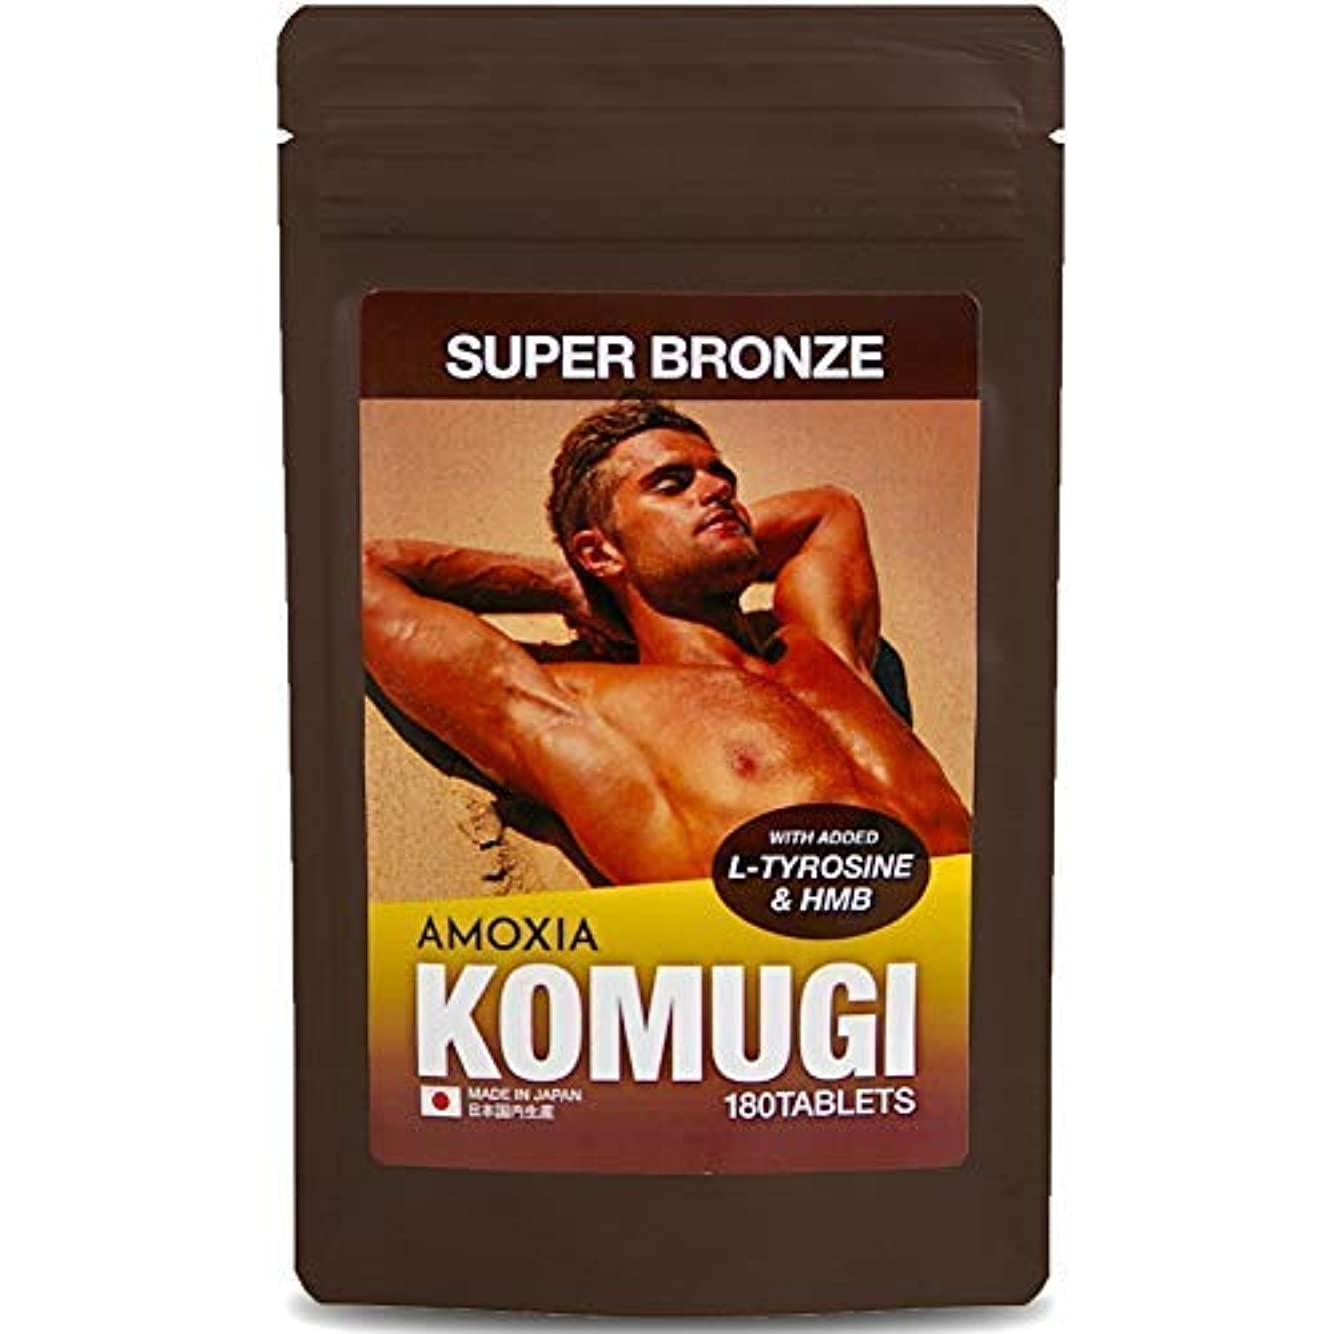 宮殿順応性のある流体KOMUGI 日焼けと筋肉増強で新発想の飲むタンニング タンニングサプリメント 安心の国産 HMB配合 国産シェア100%